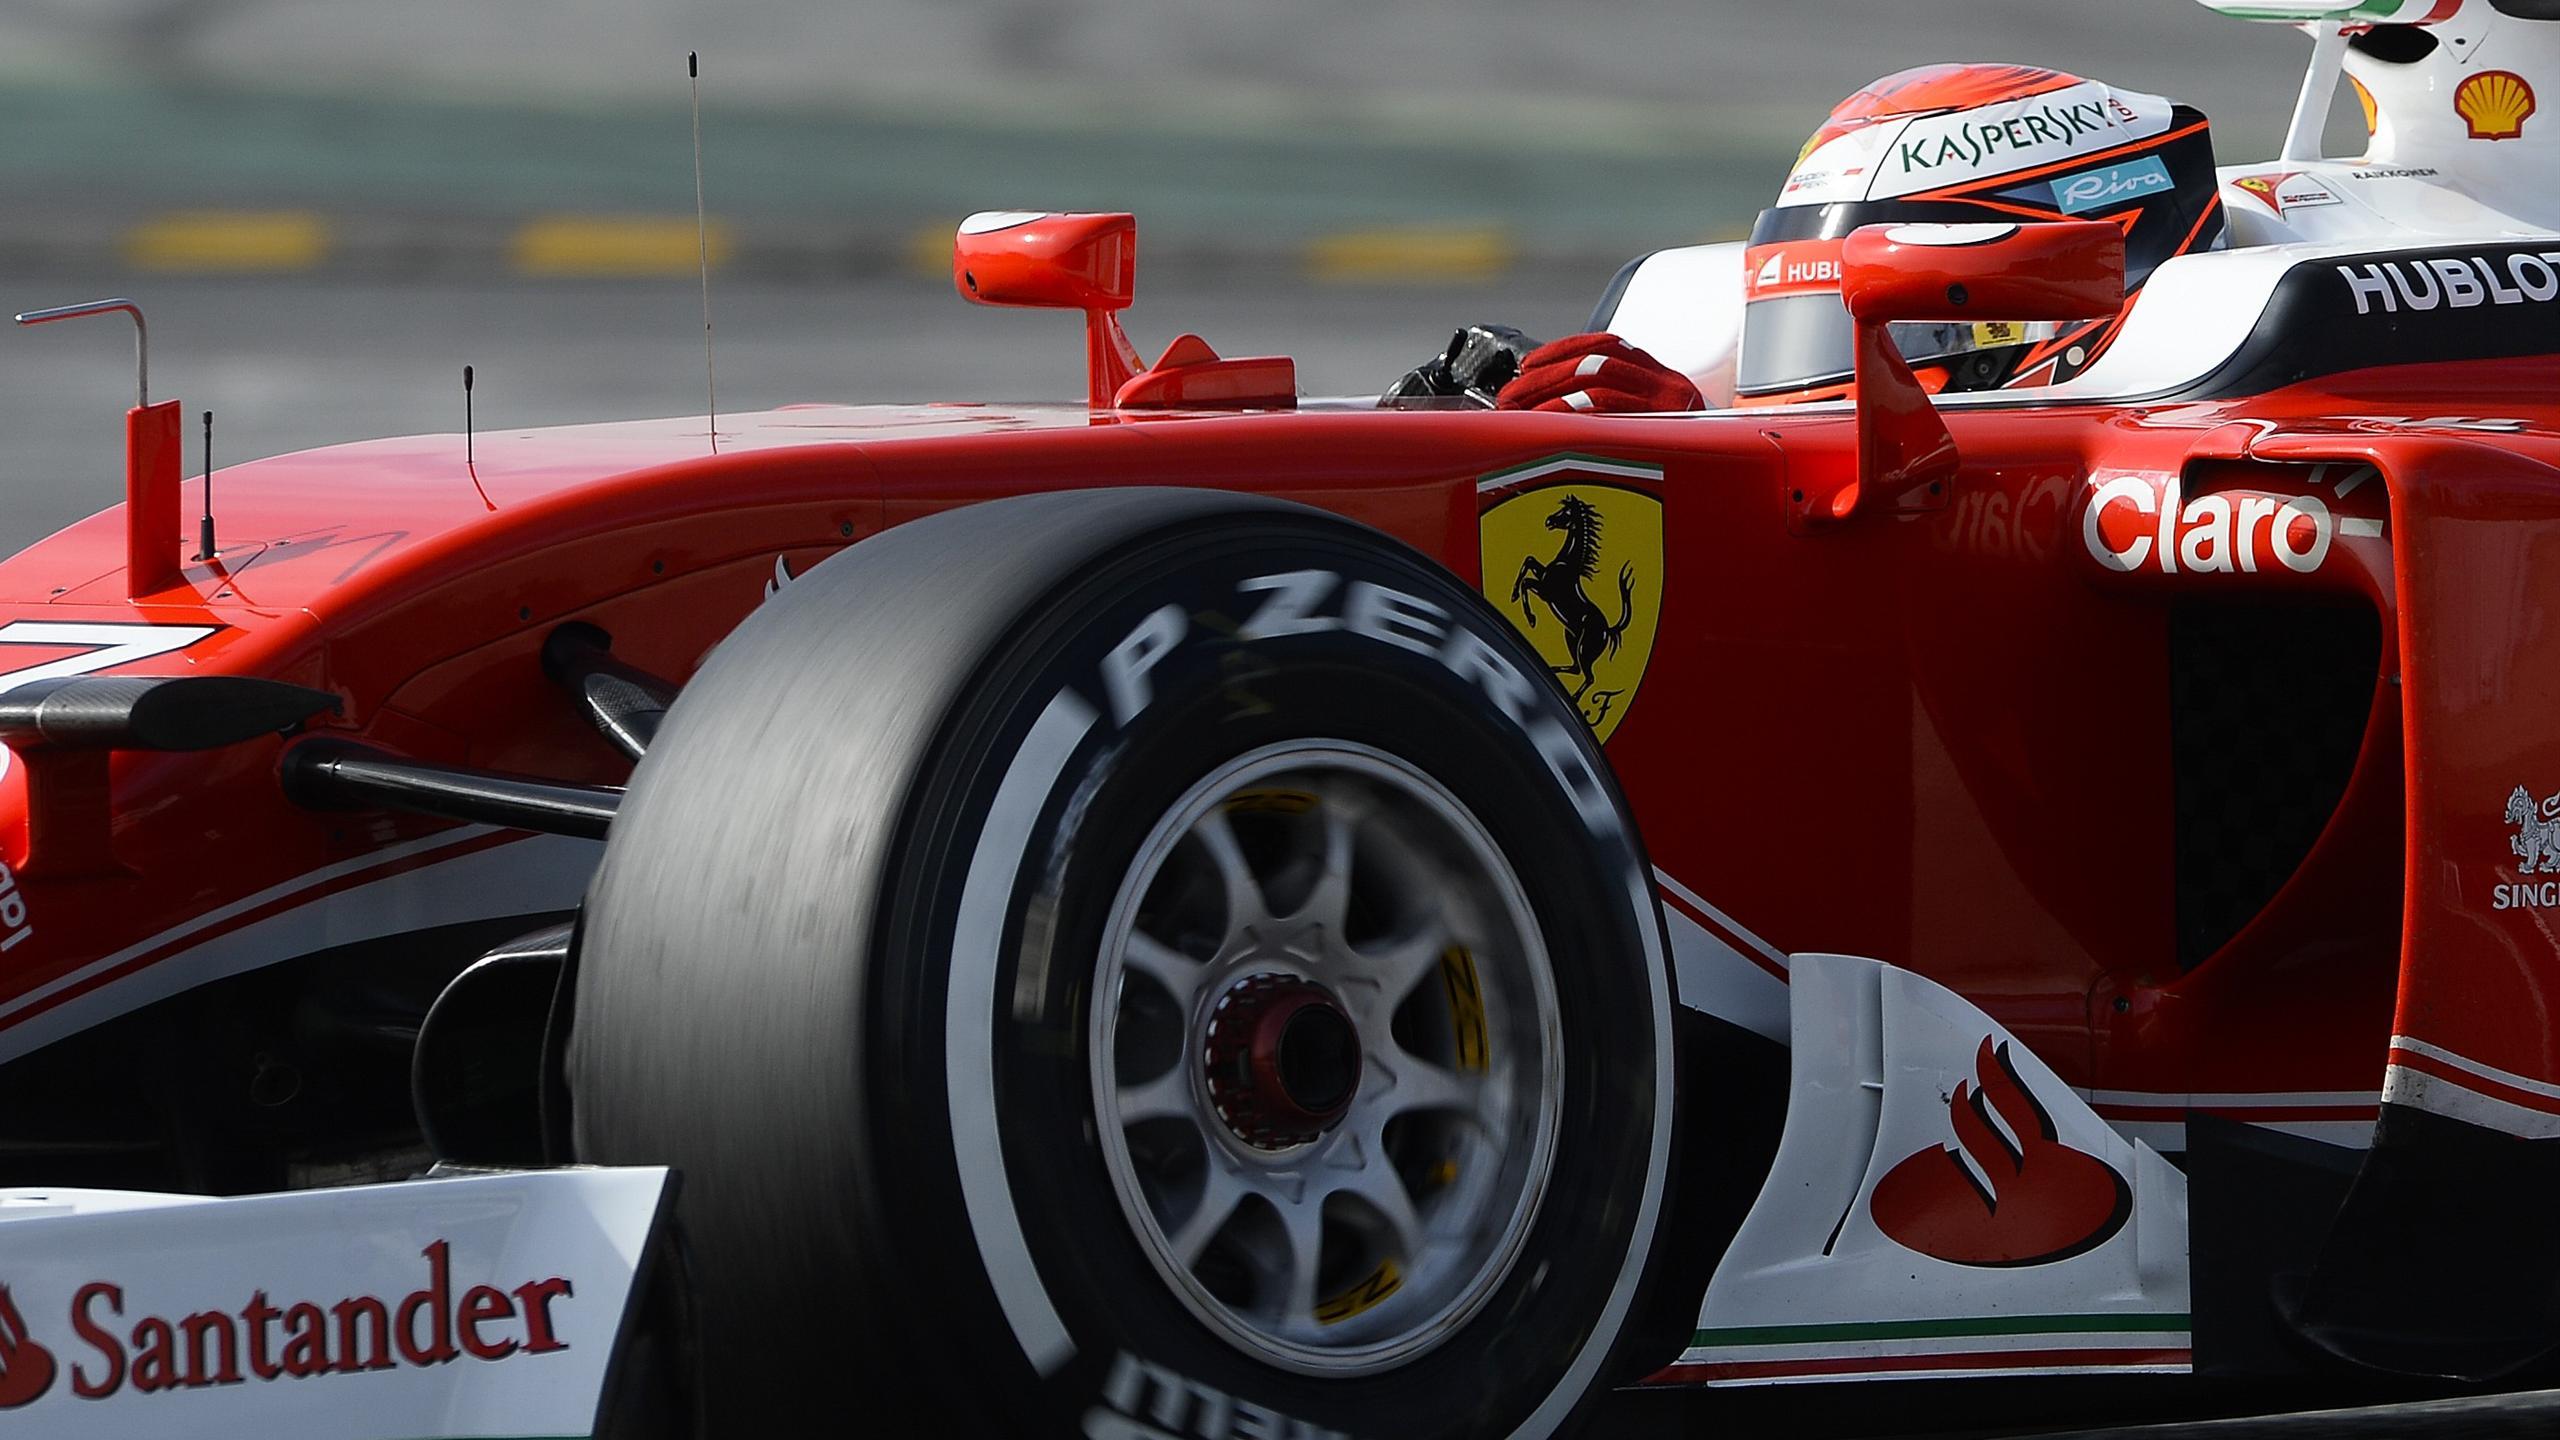 Kimi Räikkönen (Ferrari) - Tests Montmelo 2016